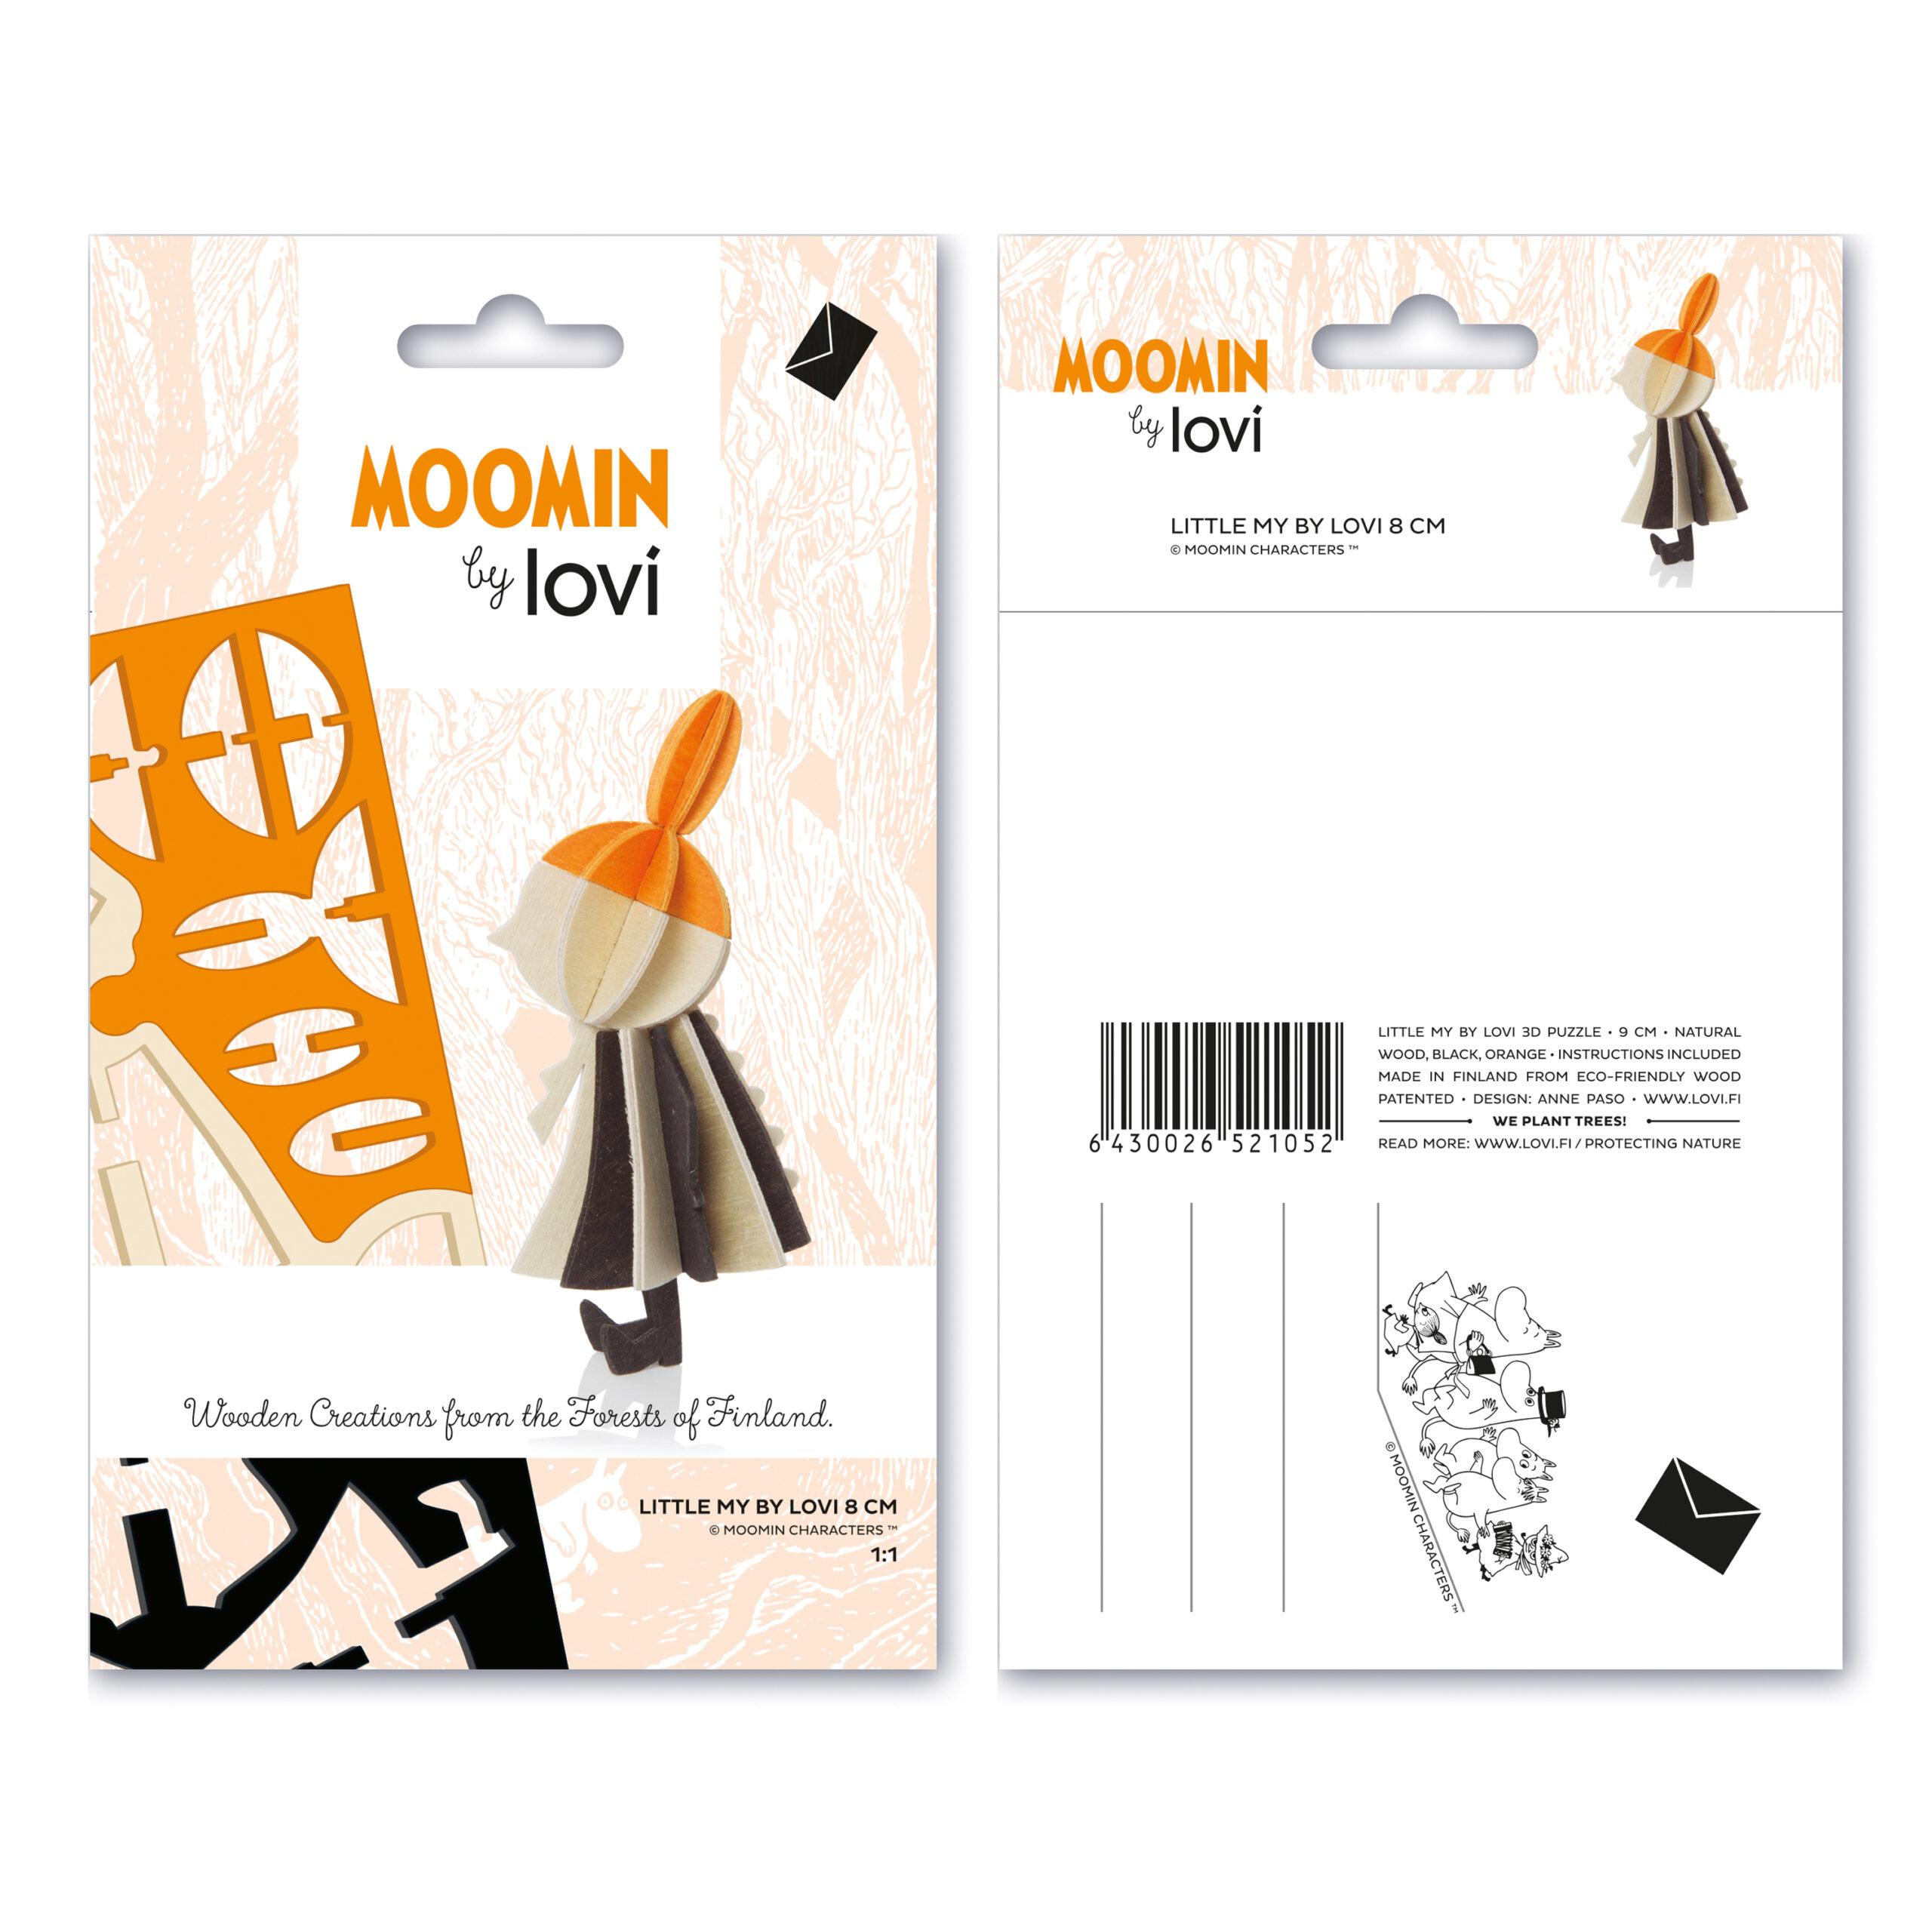 Little My by Lovi 8cm, wooden 3D puzzle, natural wood, black, orange